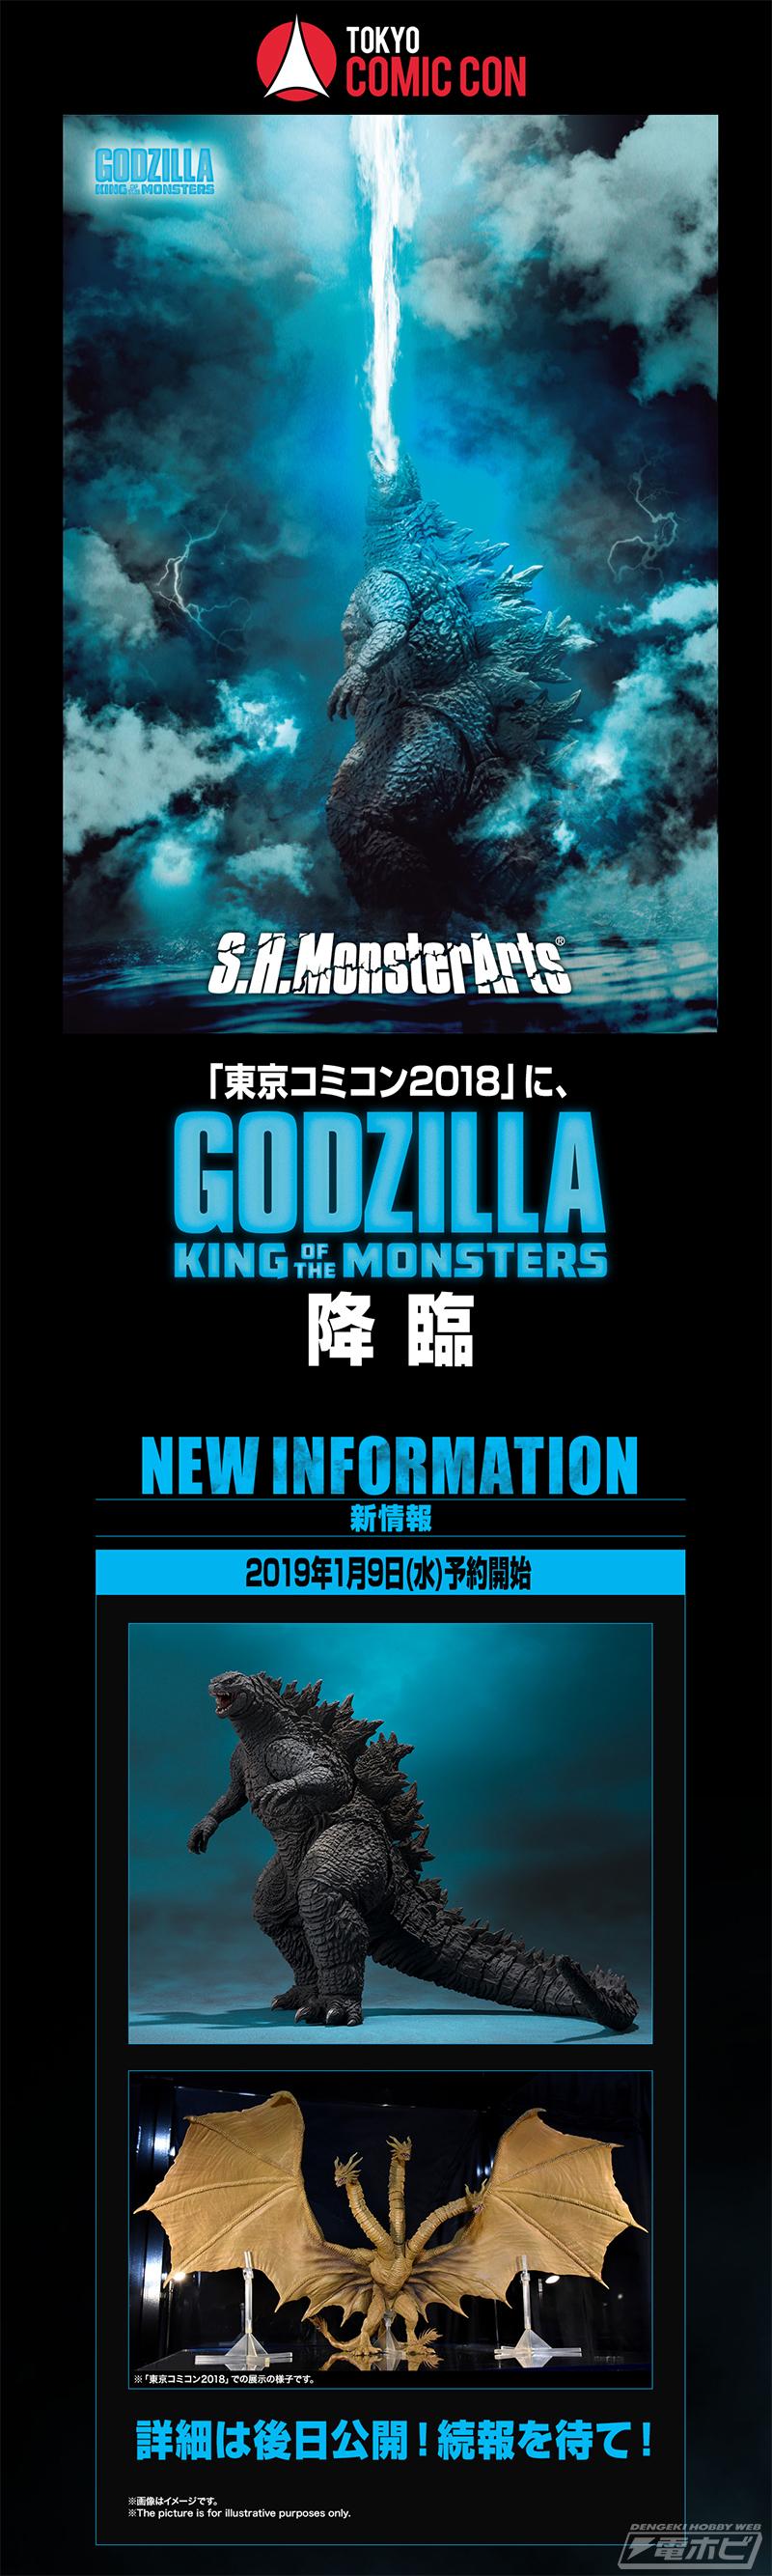 魂ウェブ「S.H.MonsterArts『ゴジラ キング オブ モンスターズ』スペシャルページ」